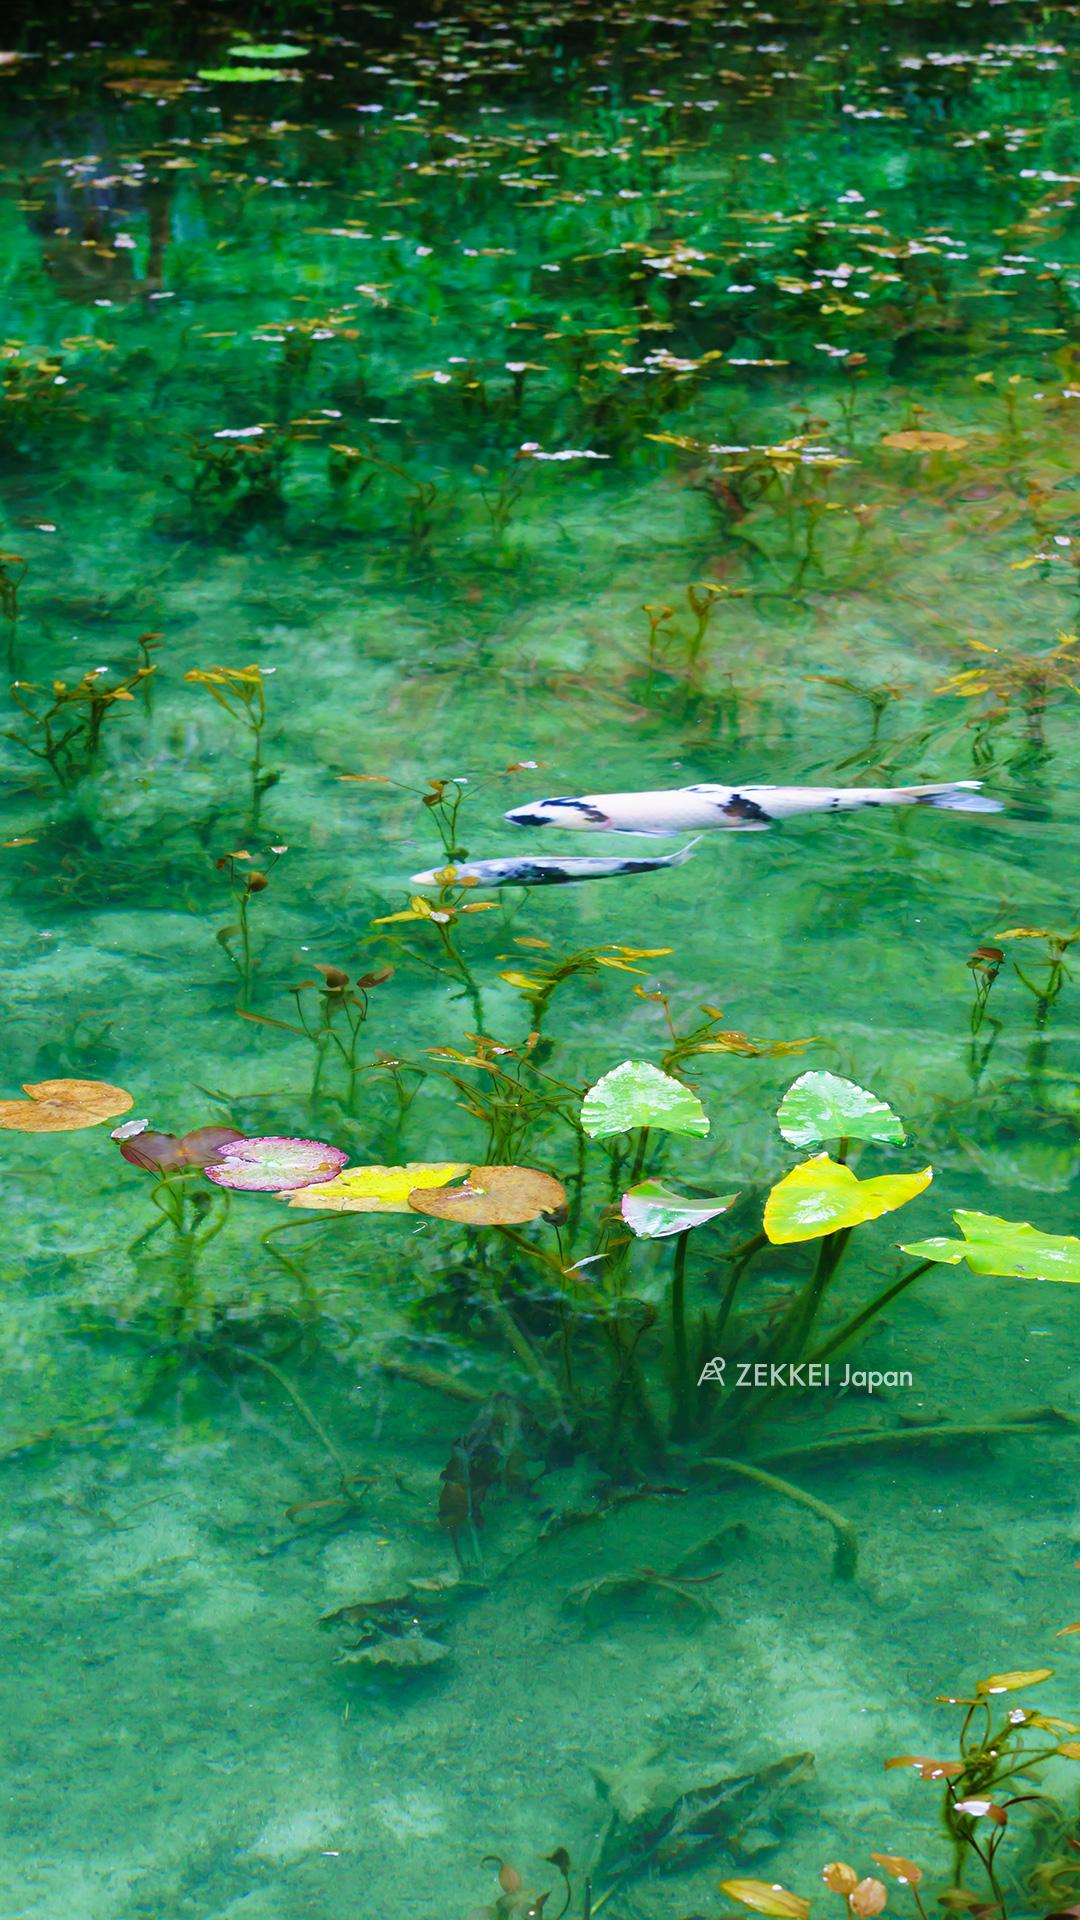 あなたのパソコン スマホに絶景を 美しい池のzekkei壁紙をプレゼント